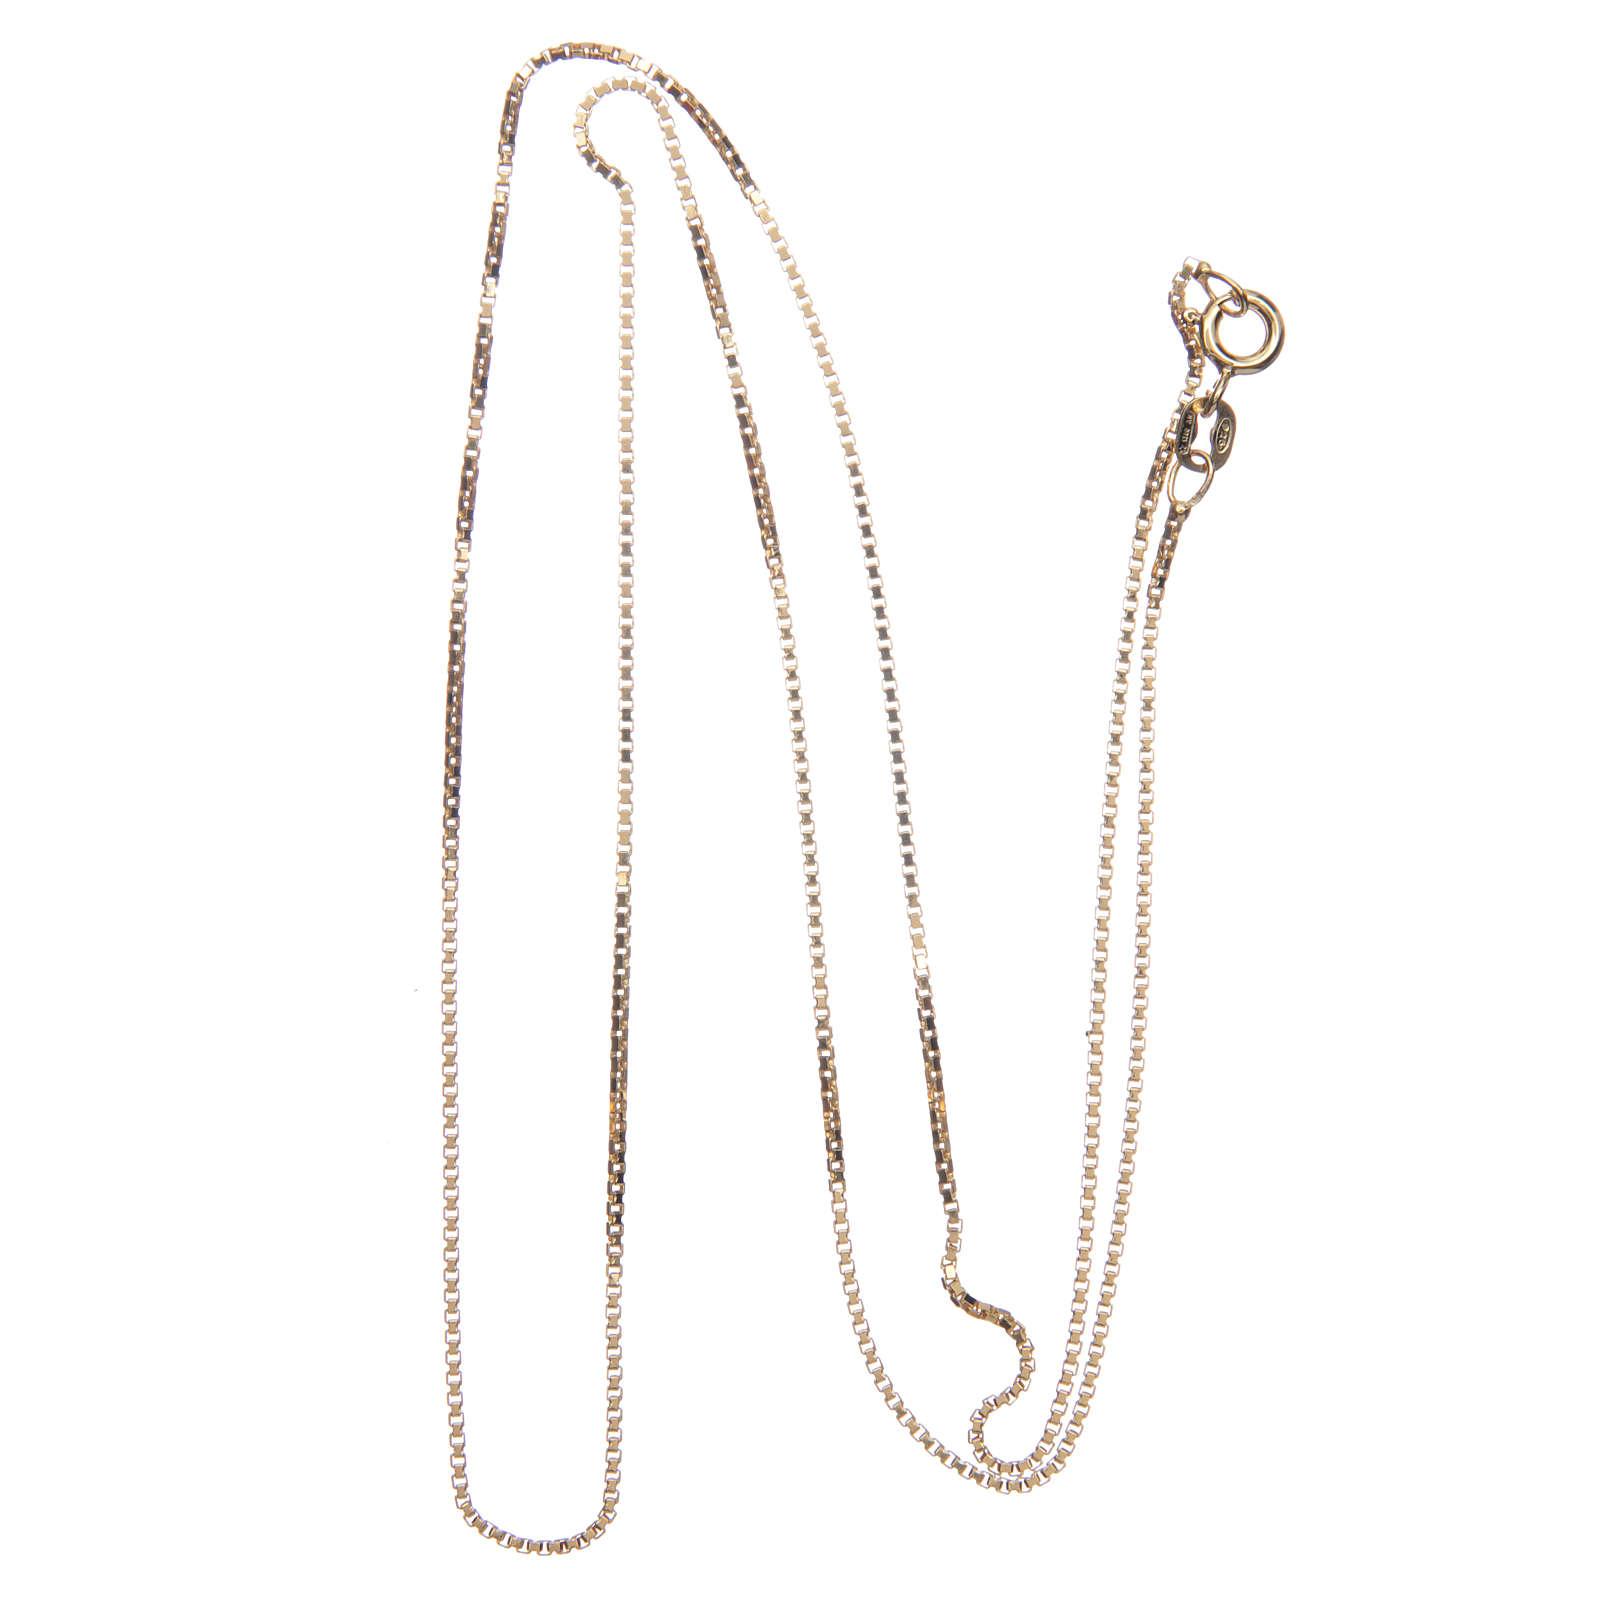 Łańcuszek wenecki srebro 925 pozłacany długość 60 cm 4